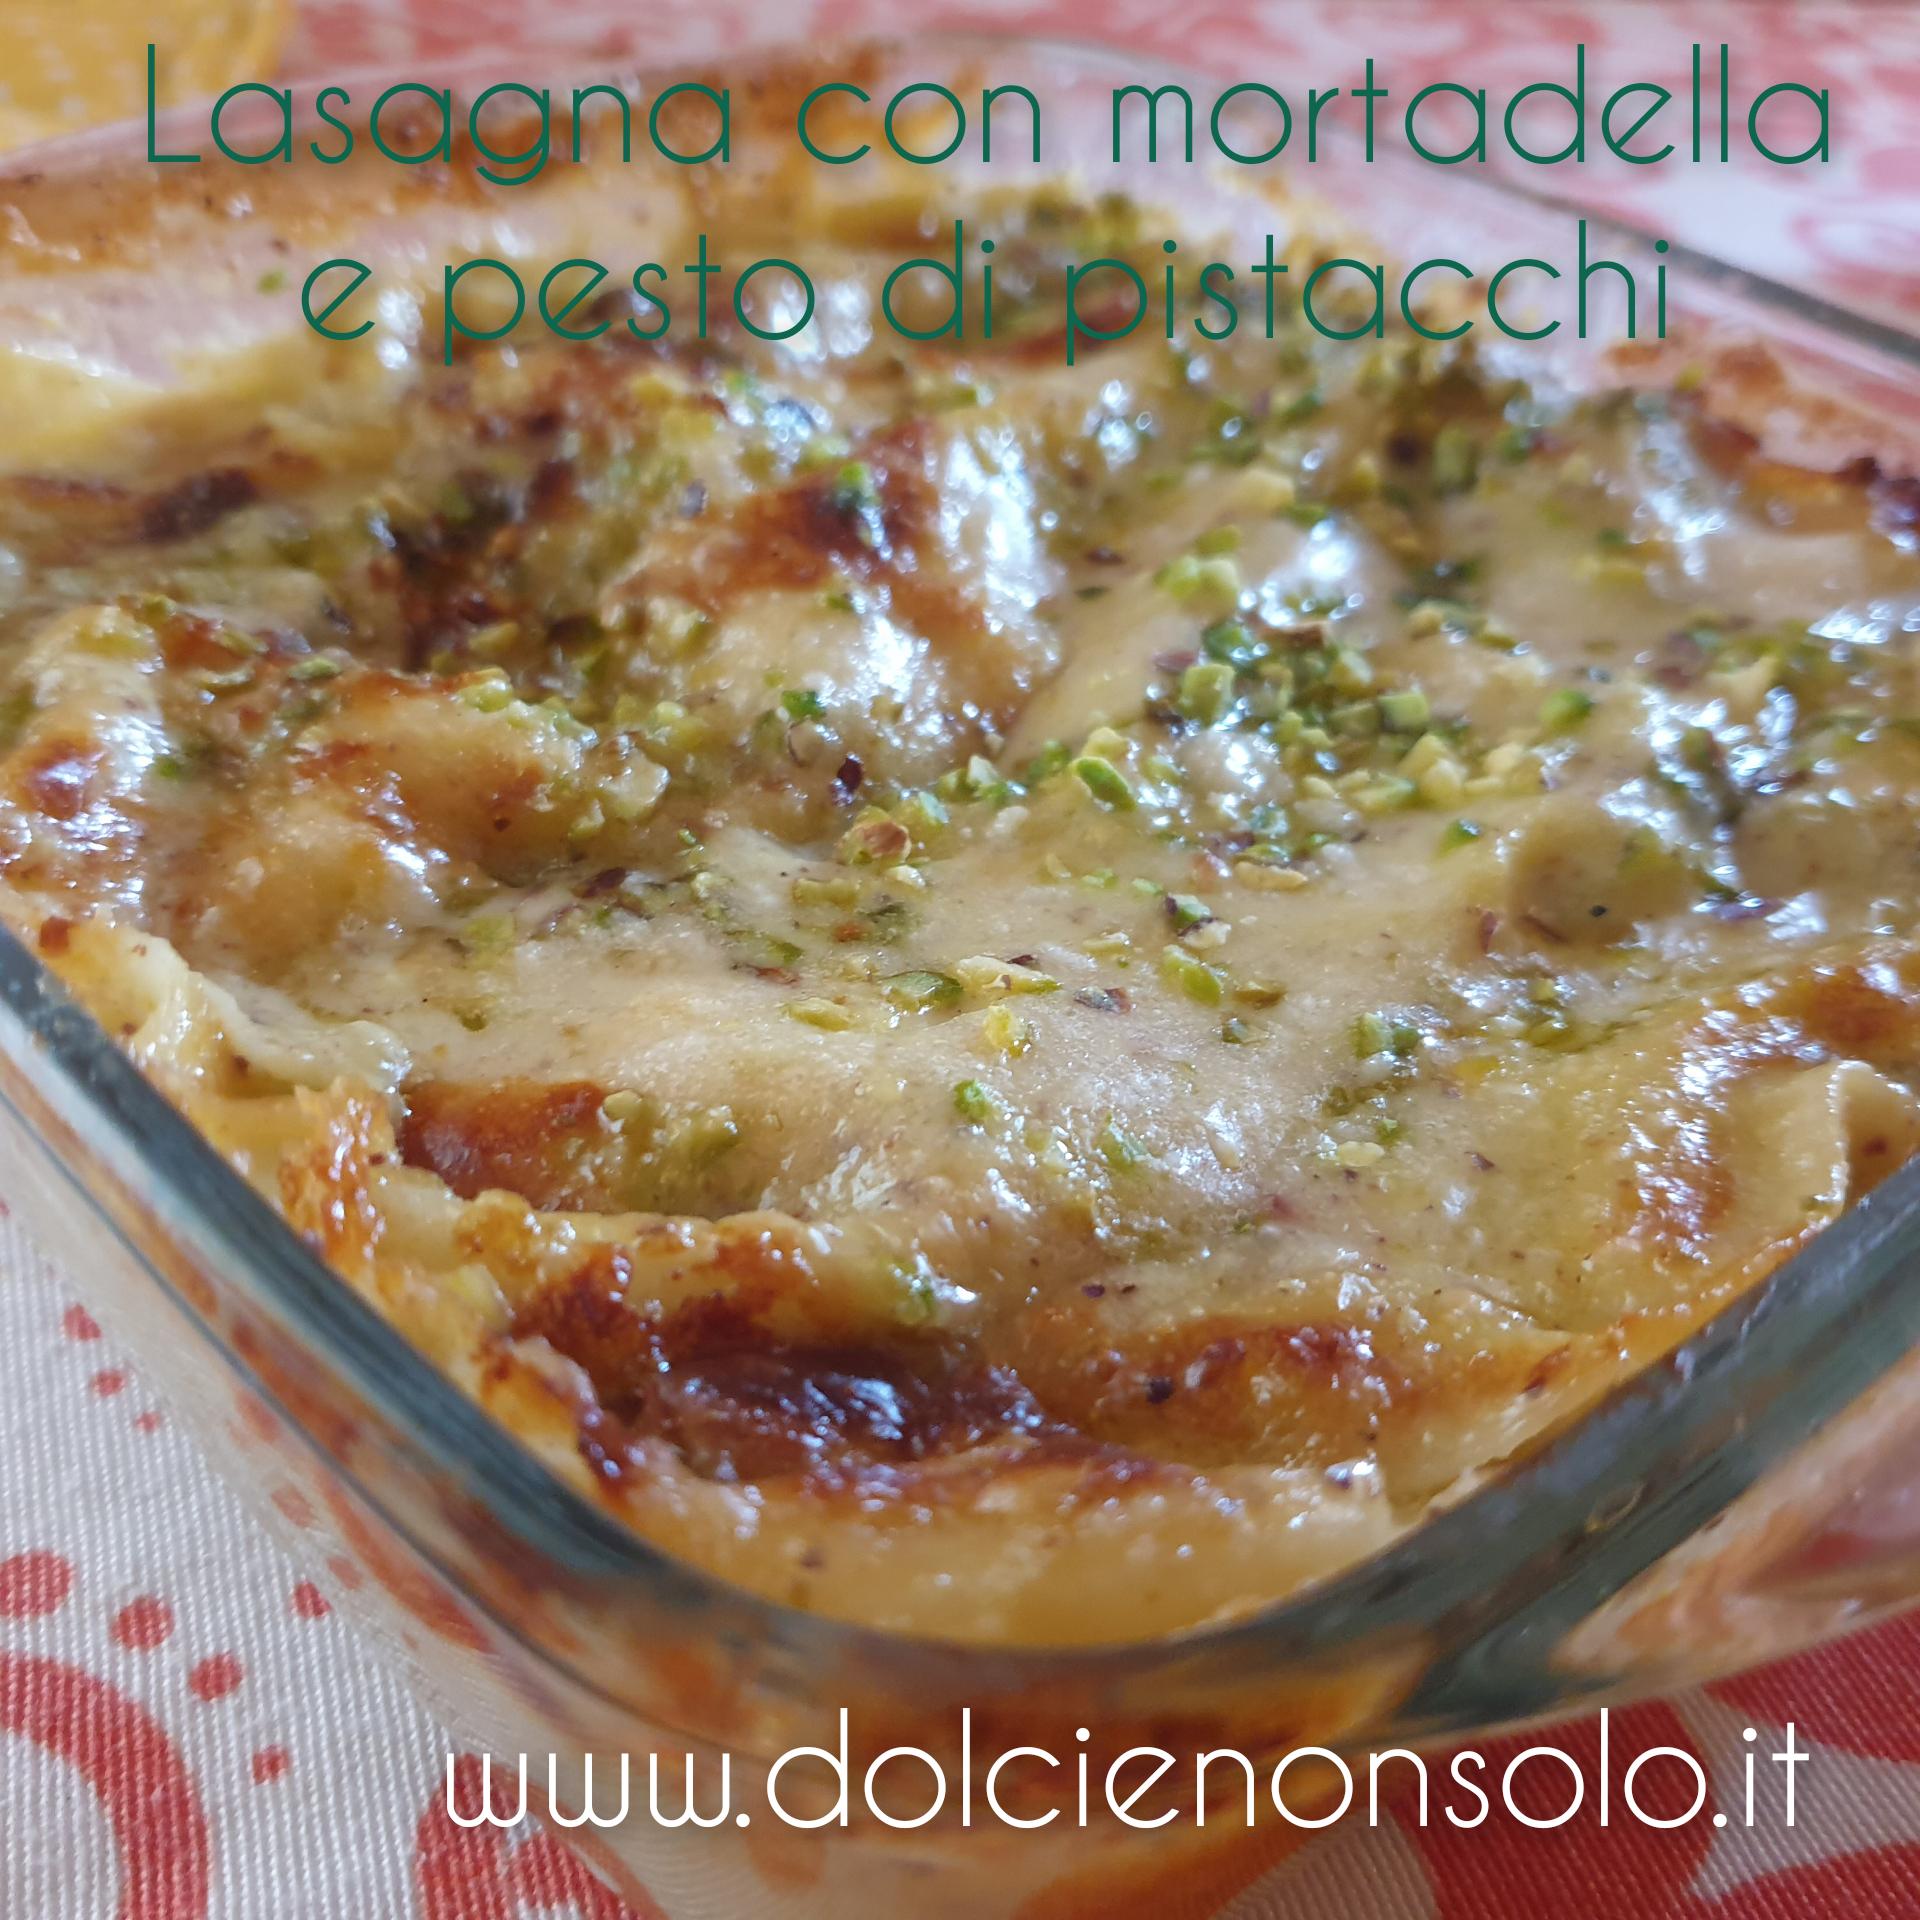 Lasagna con mortadella e pesto di pistacchi